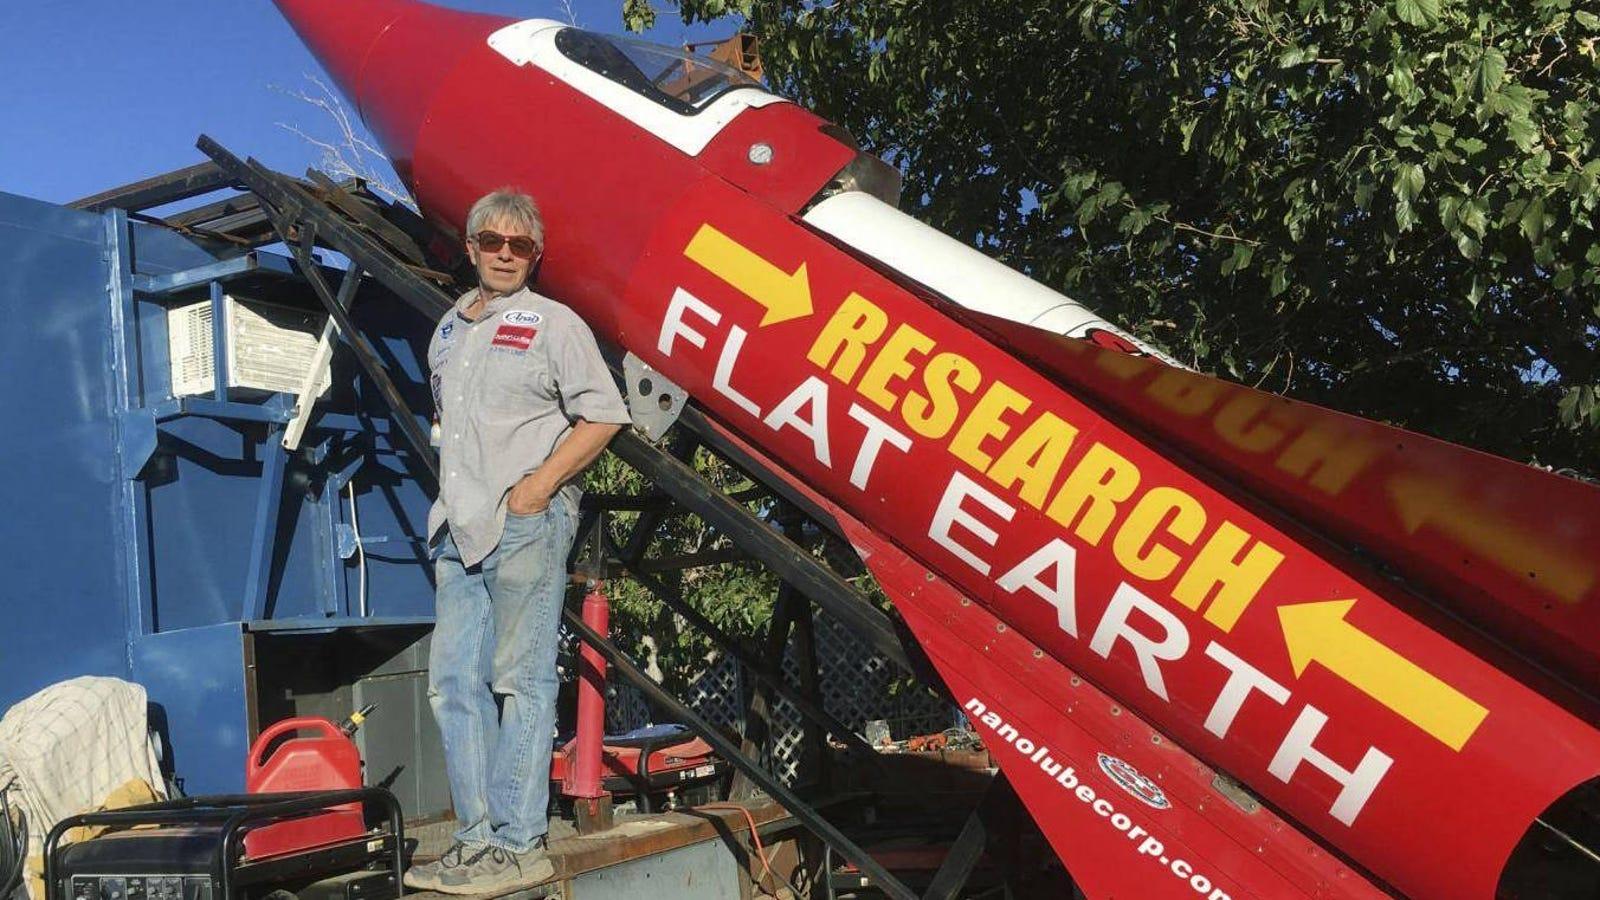 Este hombre despegará en un cohete casero fabricado por él mismo para demostrar que la Tierra es plana